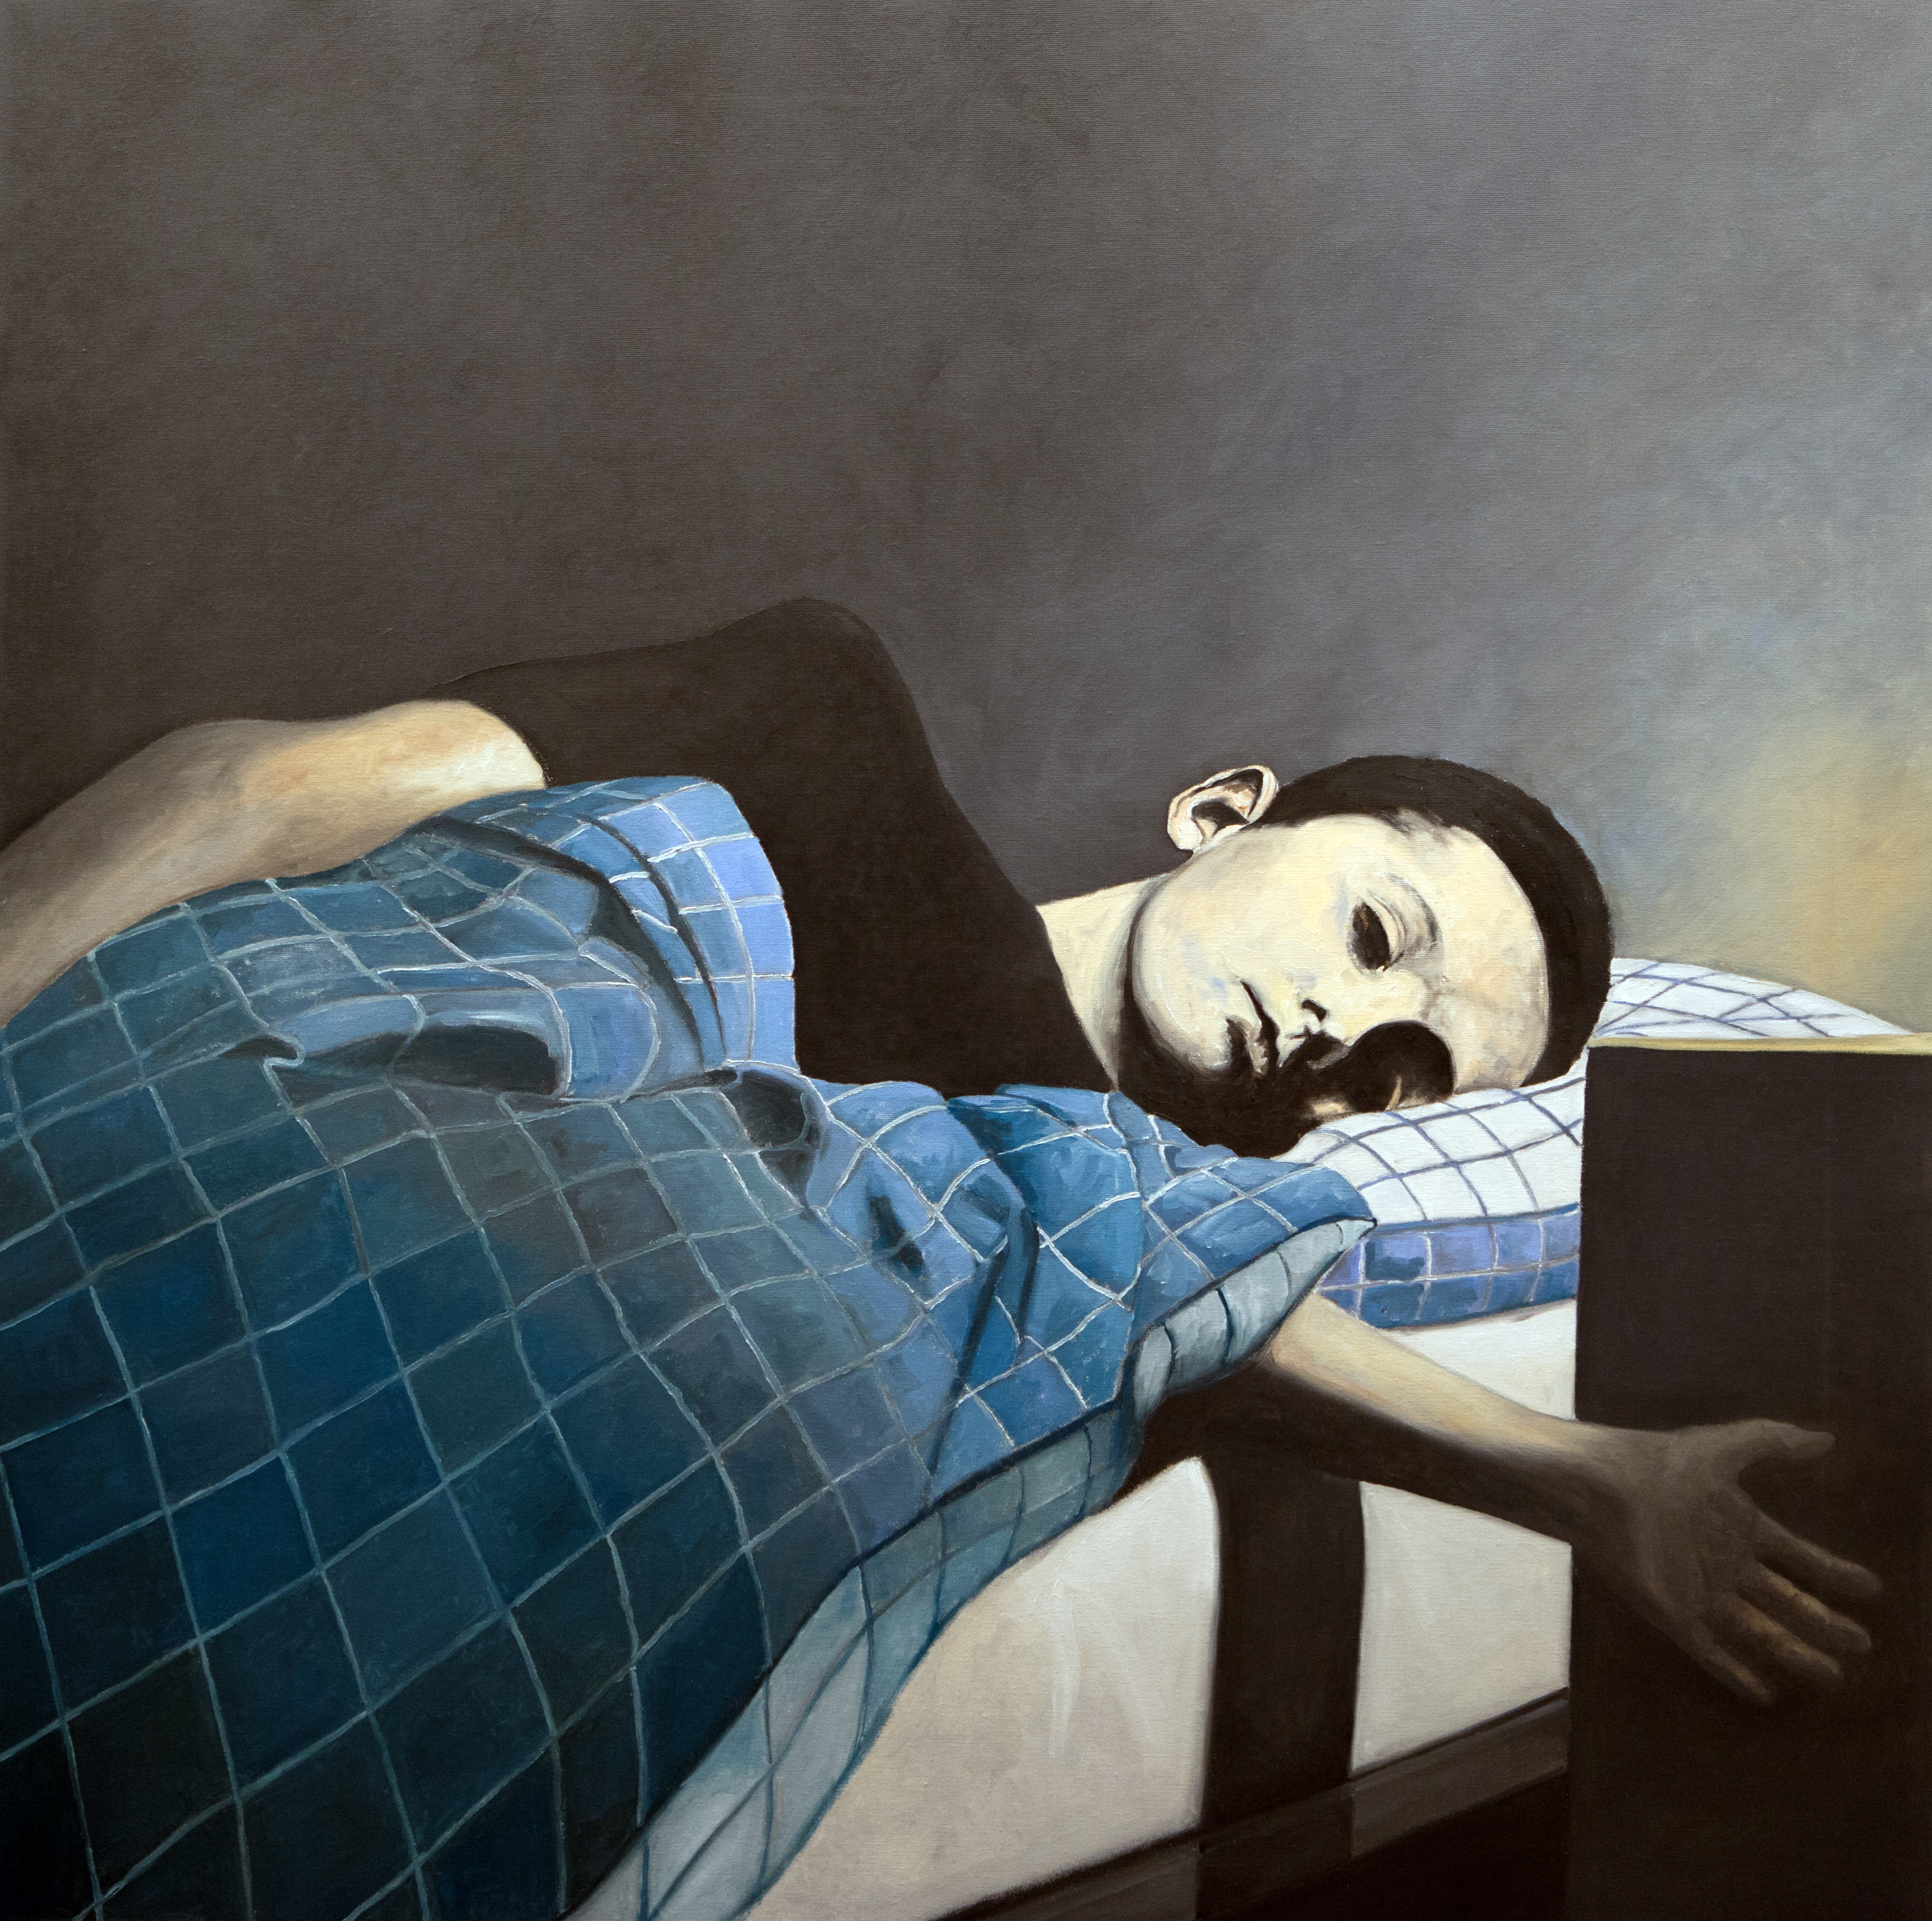 The Broken Dream by cesaretanassi